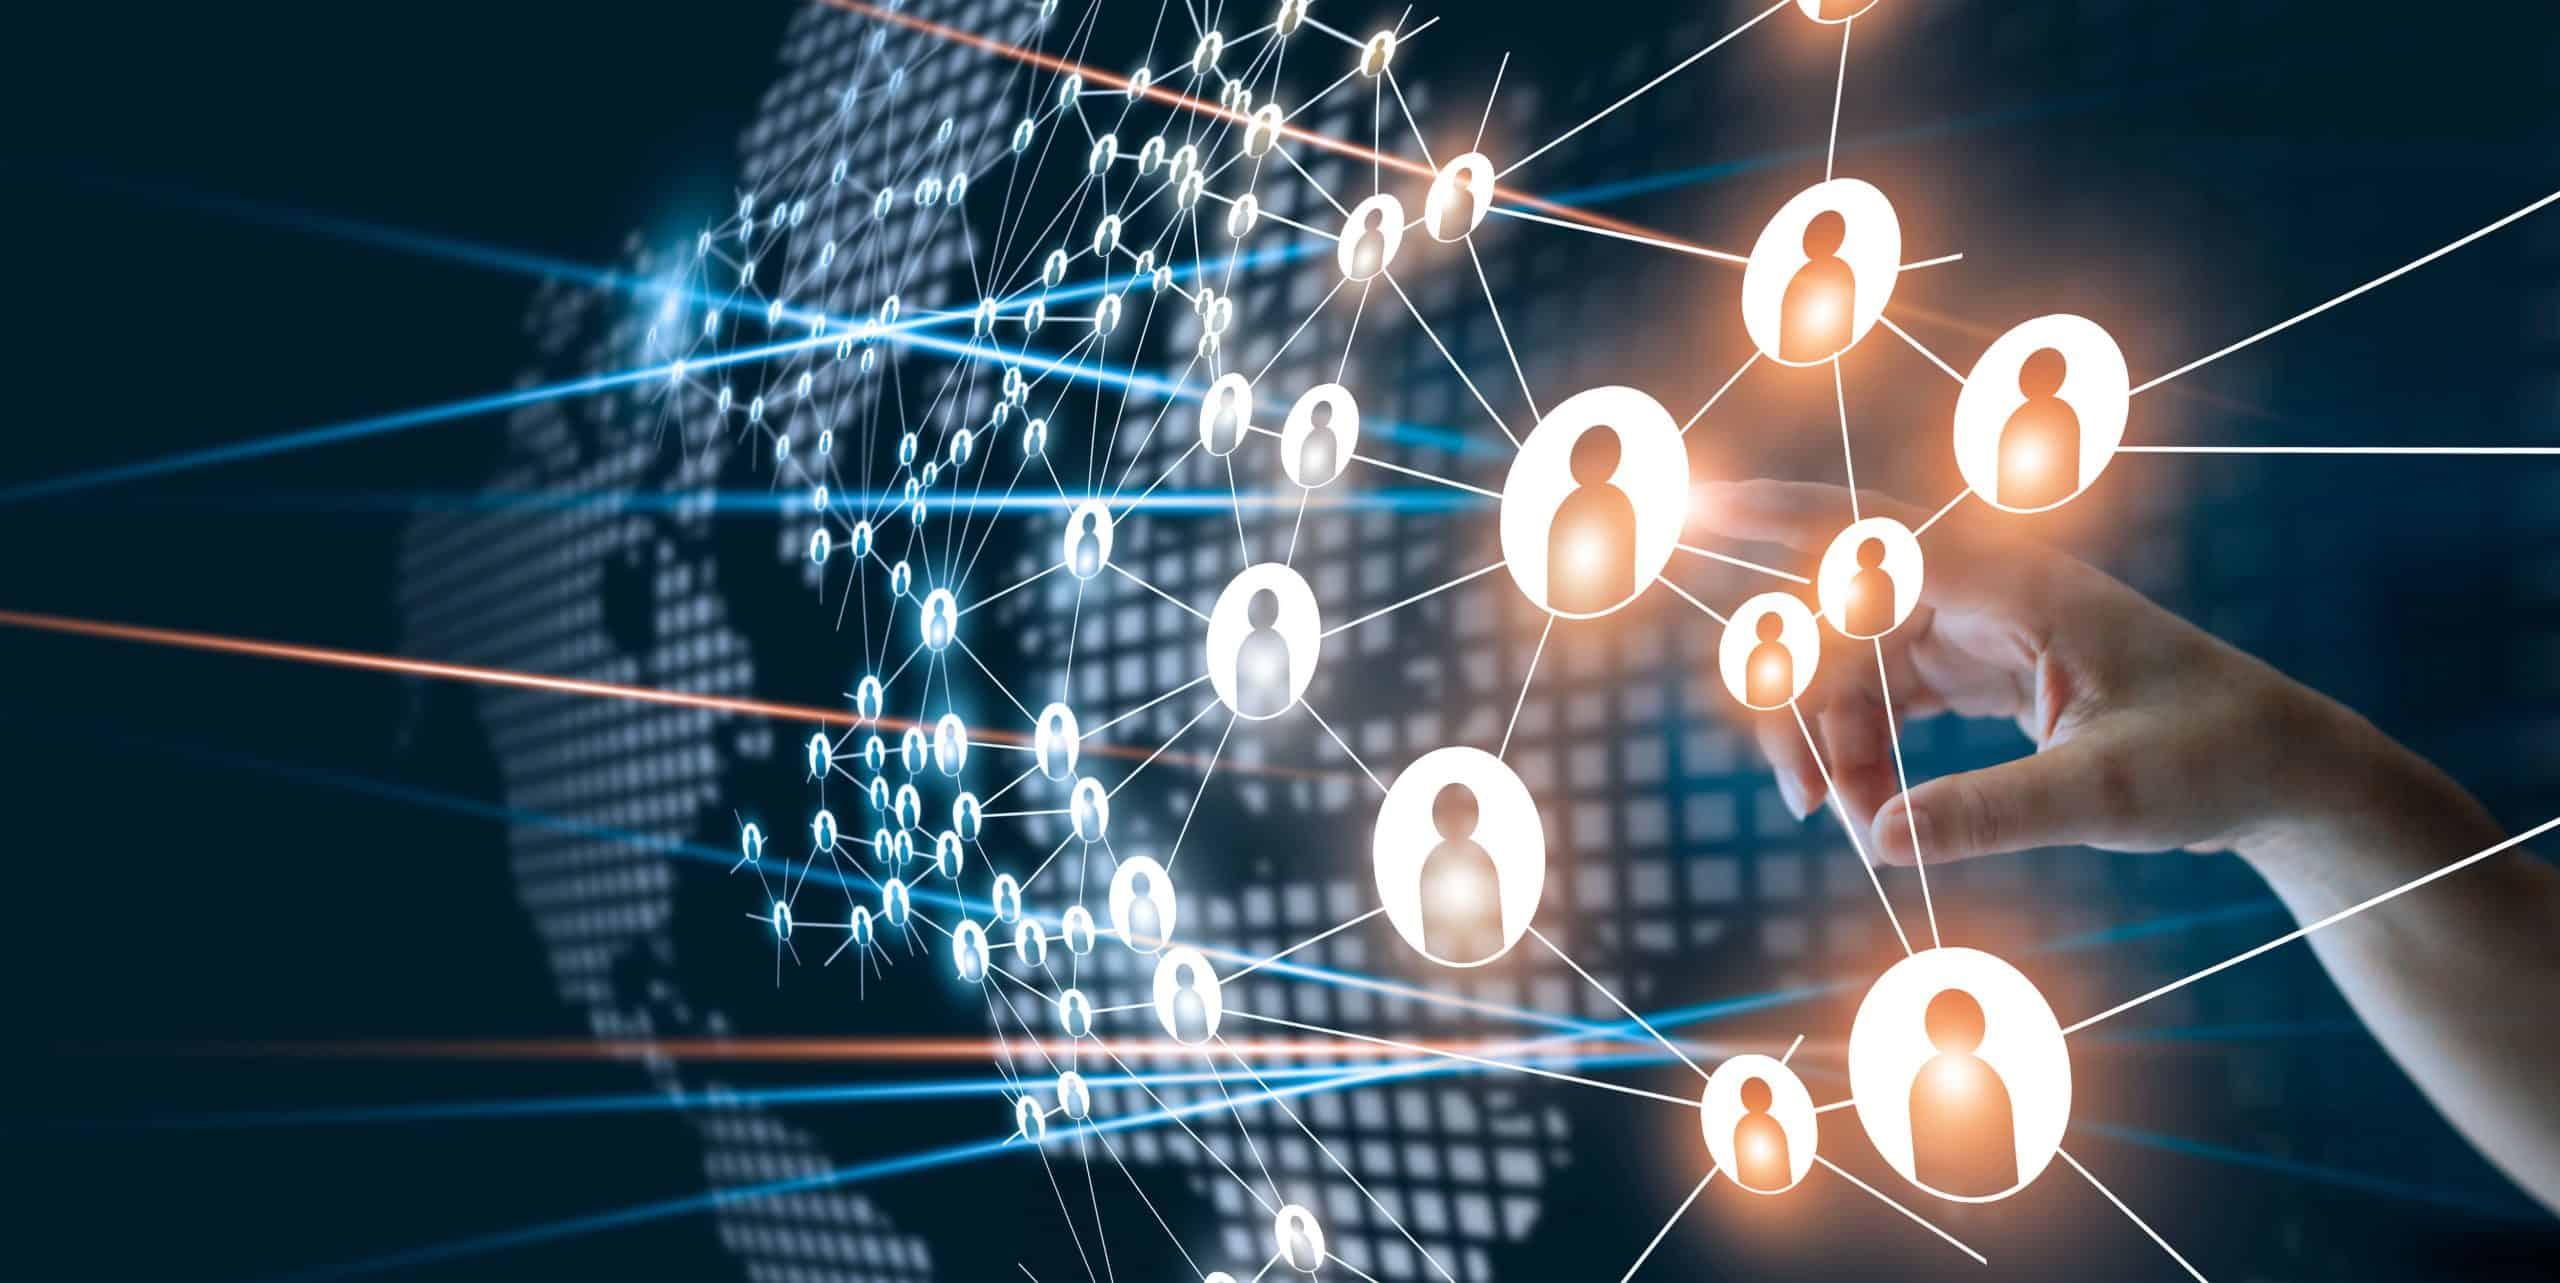 แนวทางเริ่มต้นทำ Customer 360 ปูทางสู่ Personalized Marketing